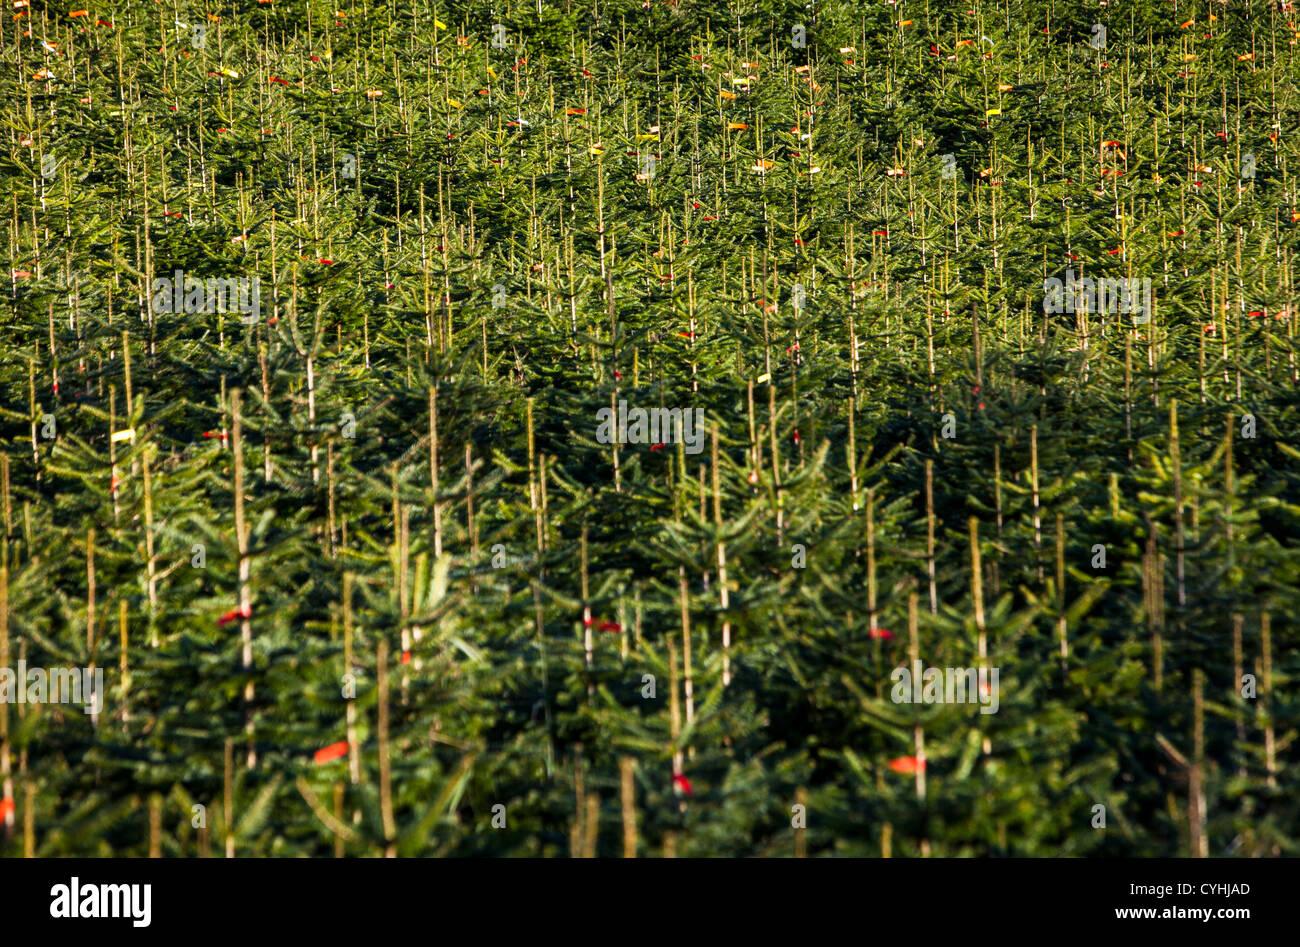 Wald, Bäume im Herbst, Herbst. Sauerland, einem nordwestlichen Region in Deutschland, Europa. Stockbild